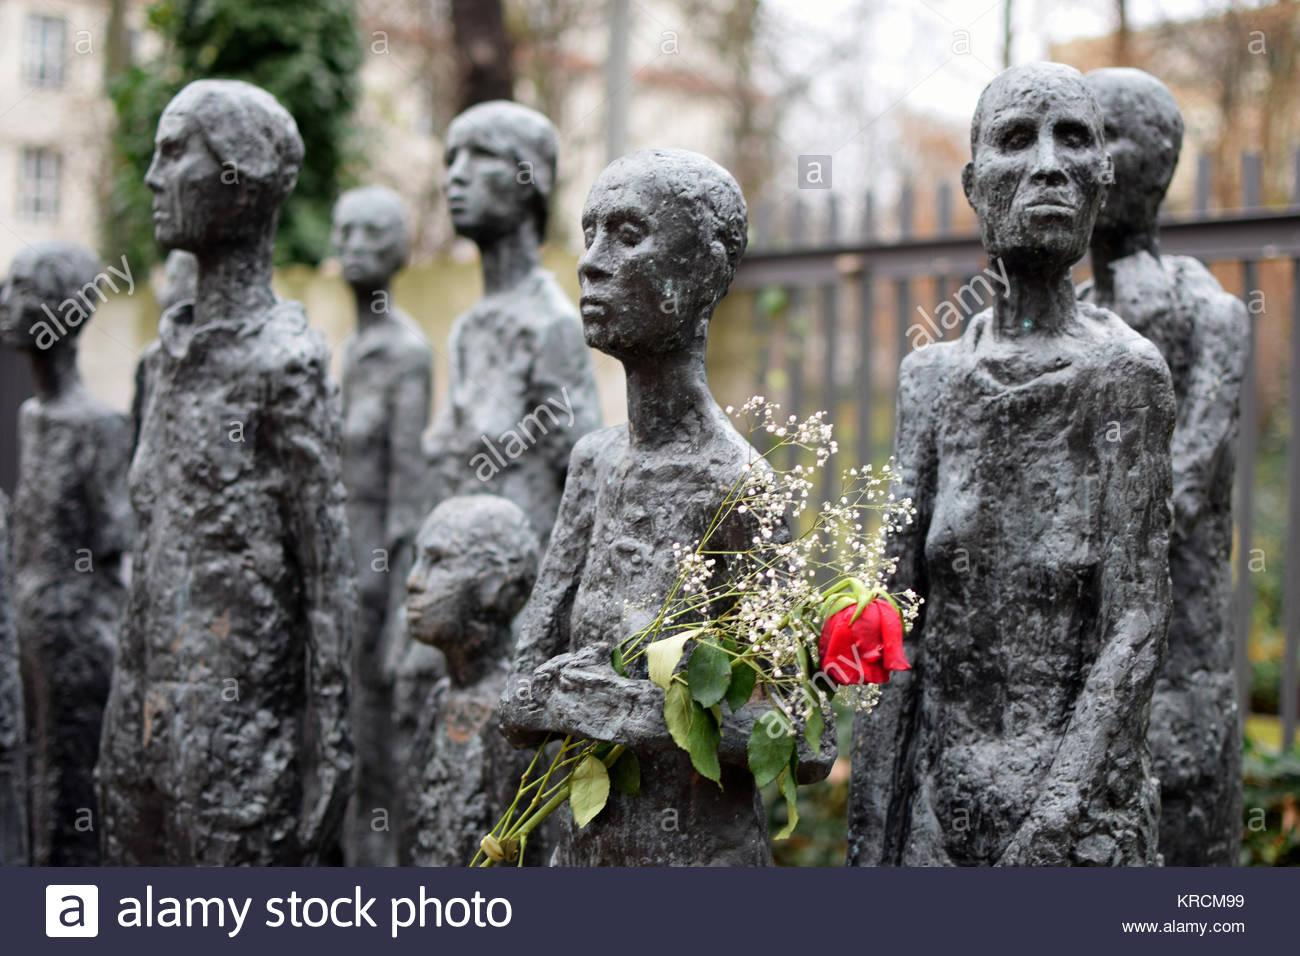 Berlín, monumento al Holocausto judío, en el exterior del cementerio judío